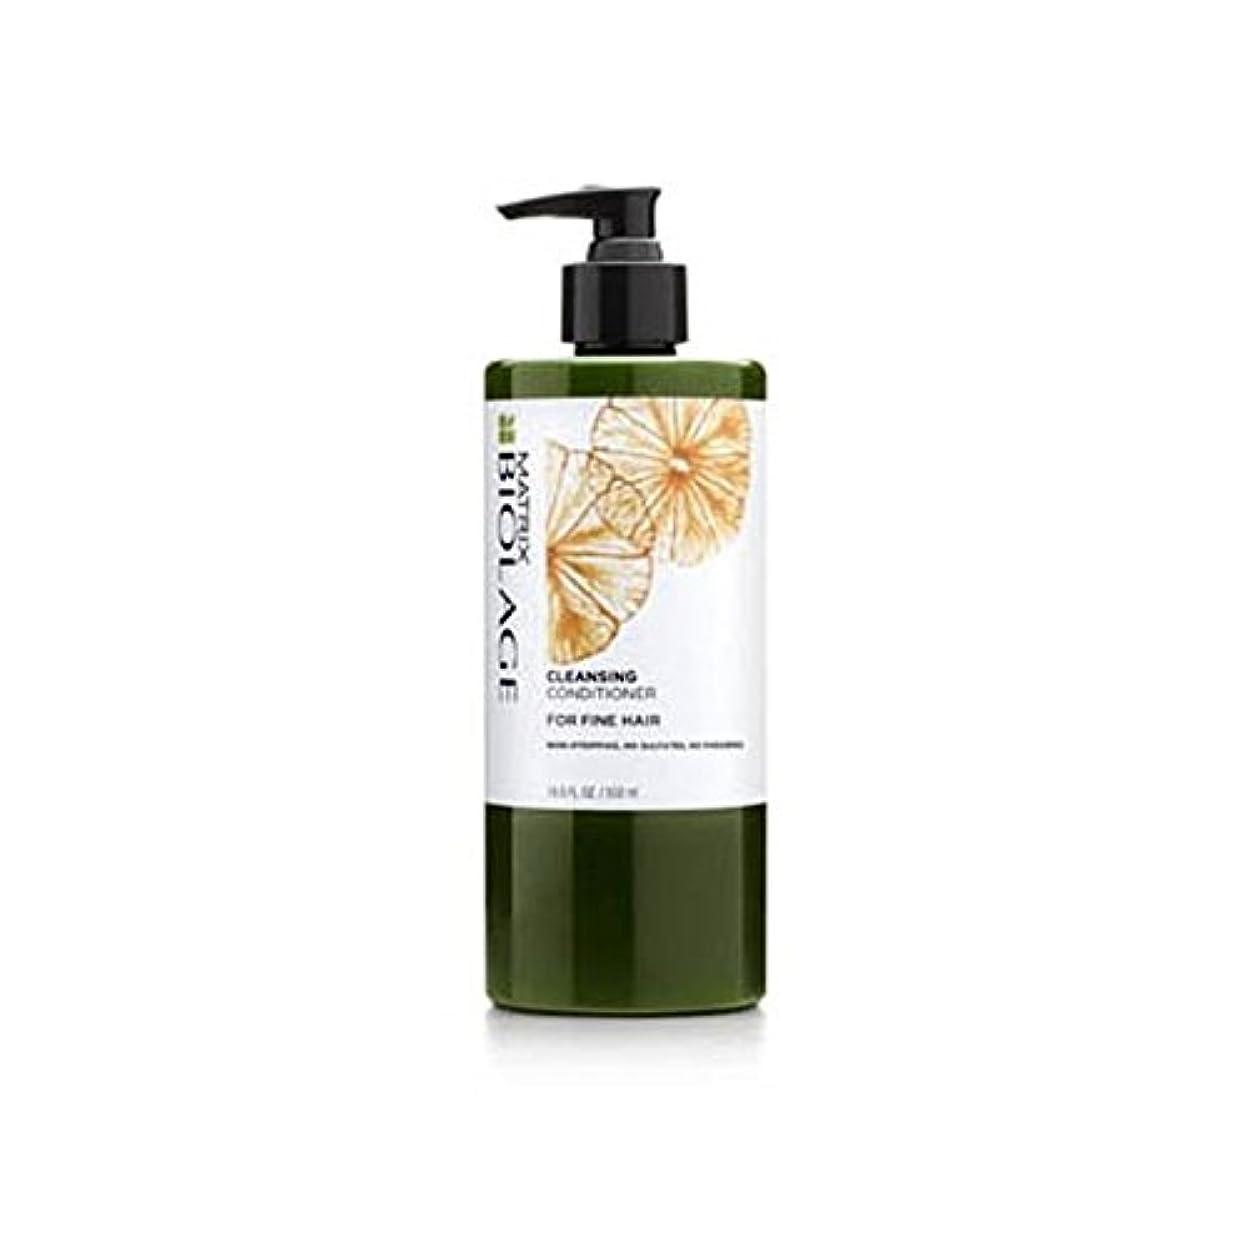 ハブ終点変装したMatrix Biolage Cleansing Conditioner - Fine Hair (500ml) - マトリックスバイオレイジクレンジングコンディショナー - 細い髪(500ミリリットル) [並行輸入品]